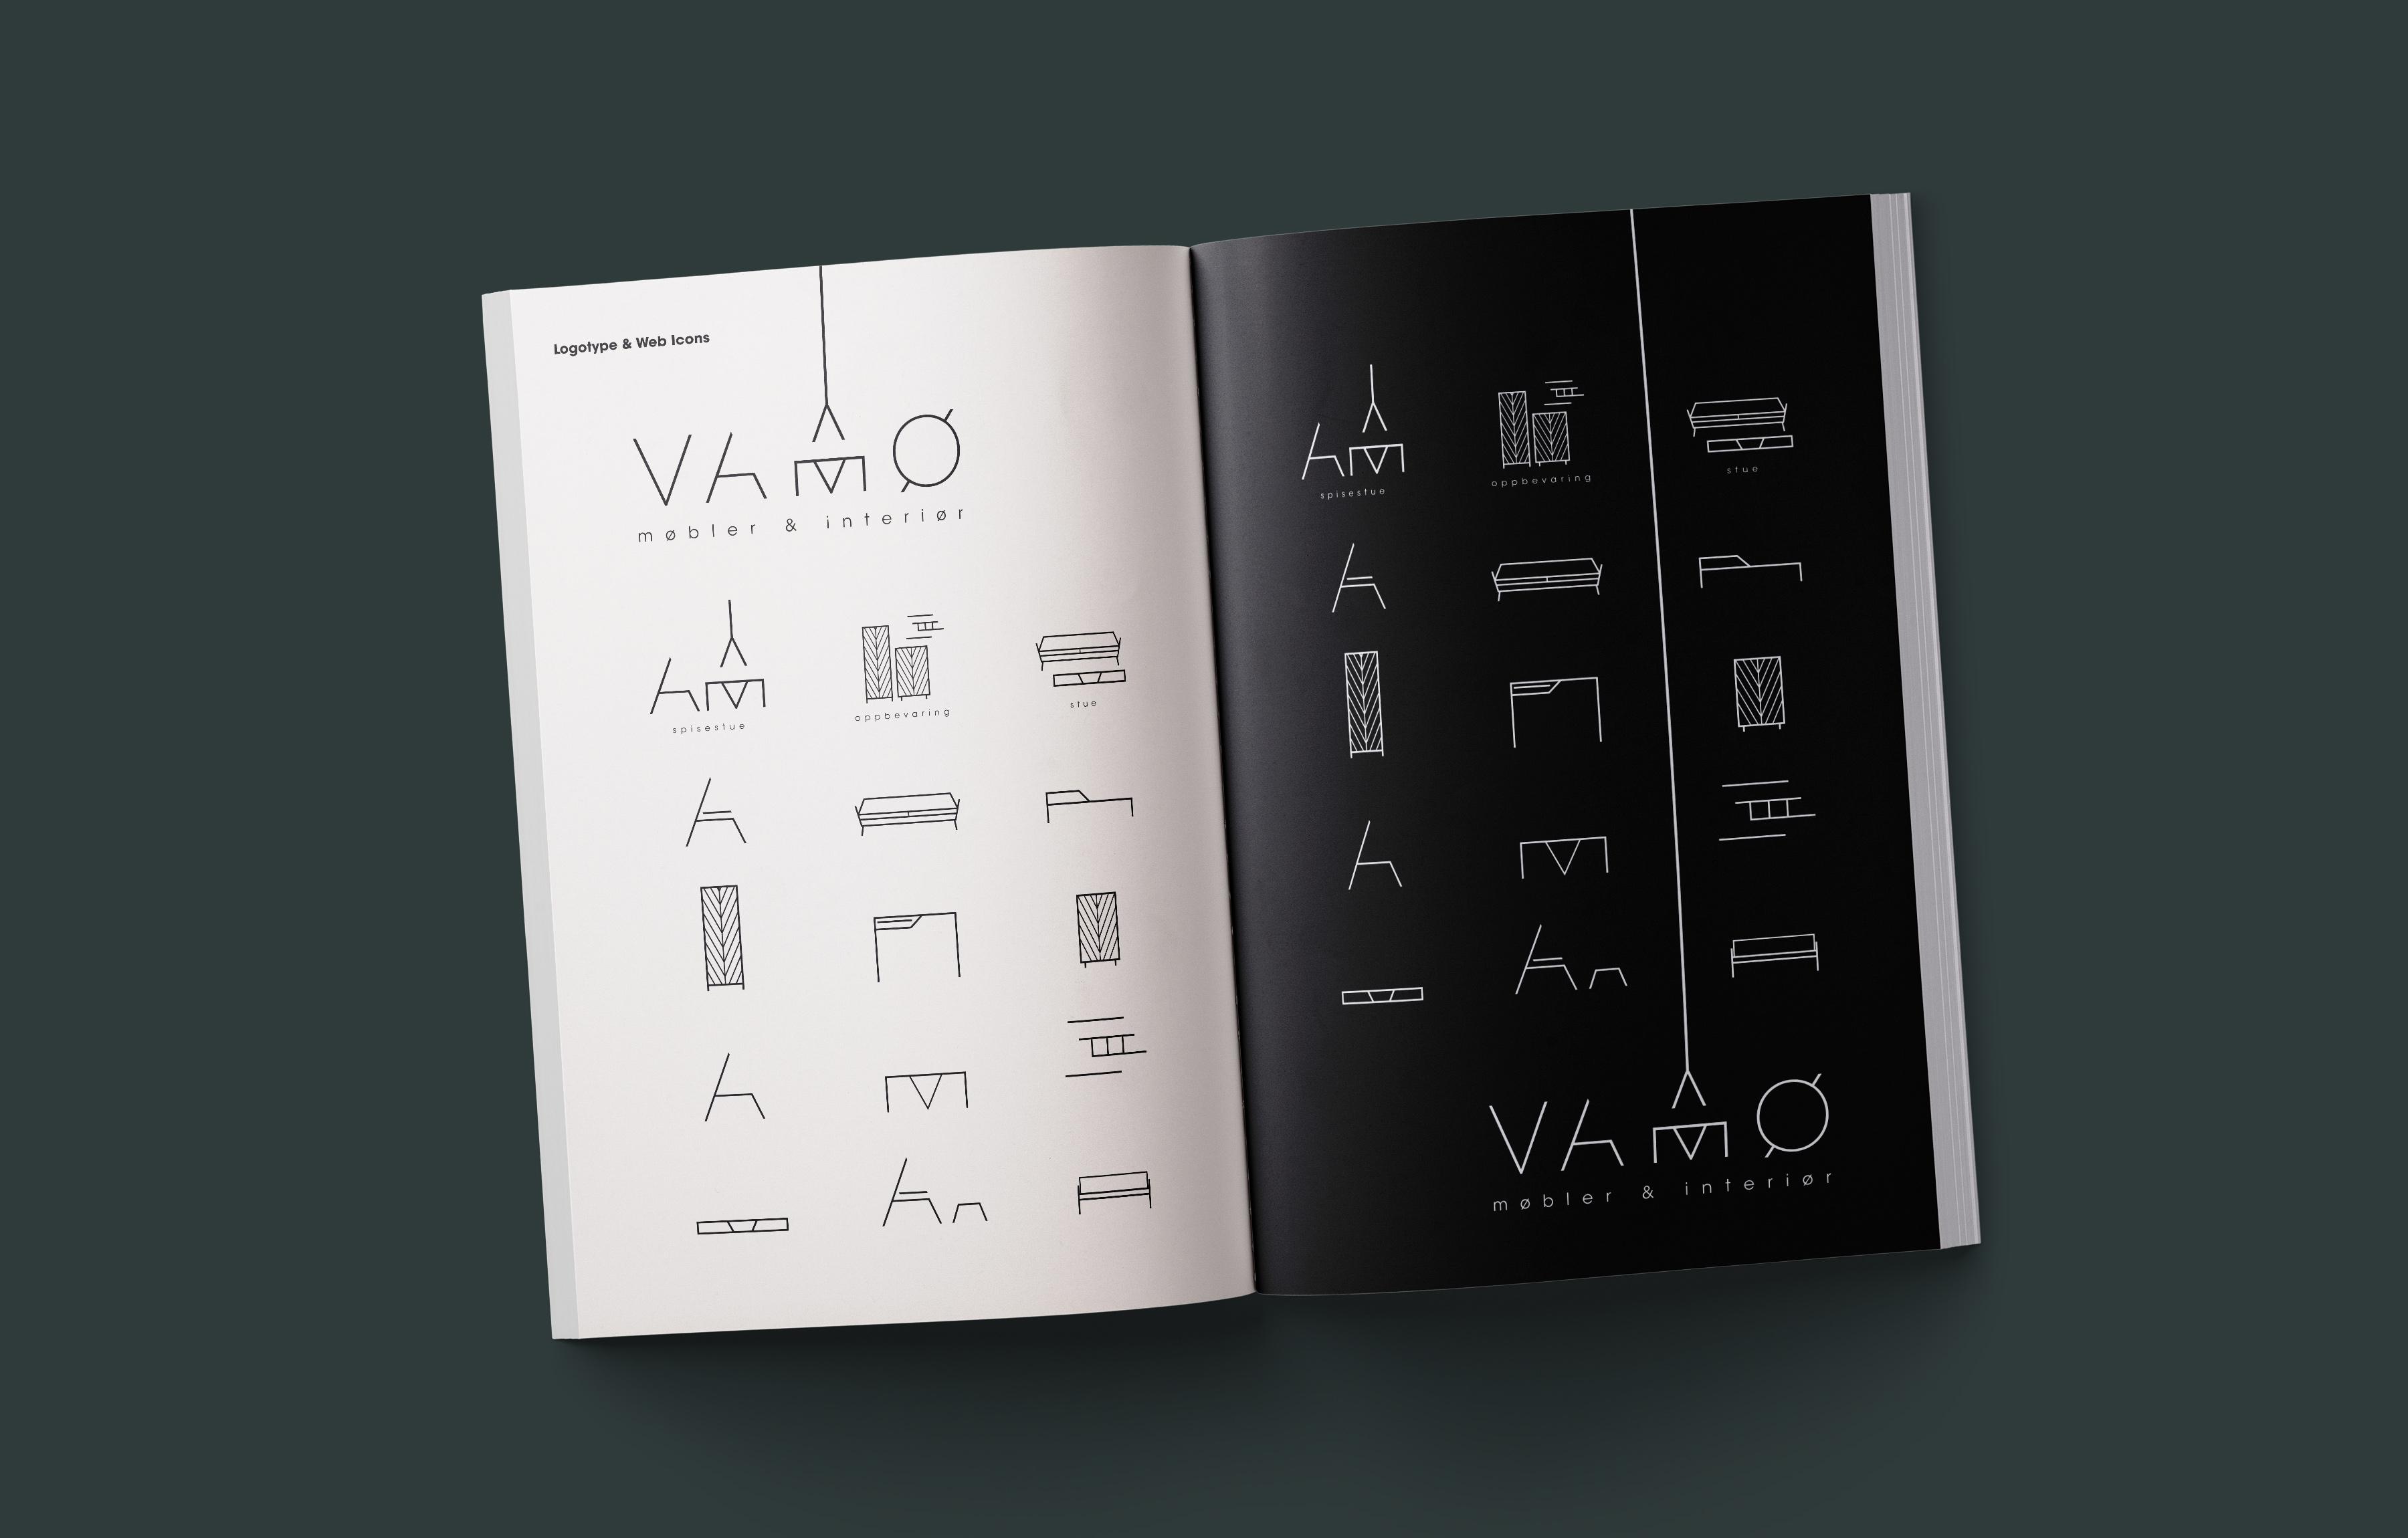 VAMØ Møbler & Interiør sin visuelle profil presentert som oppslag i et magasin